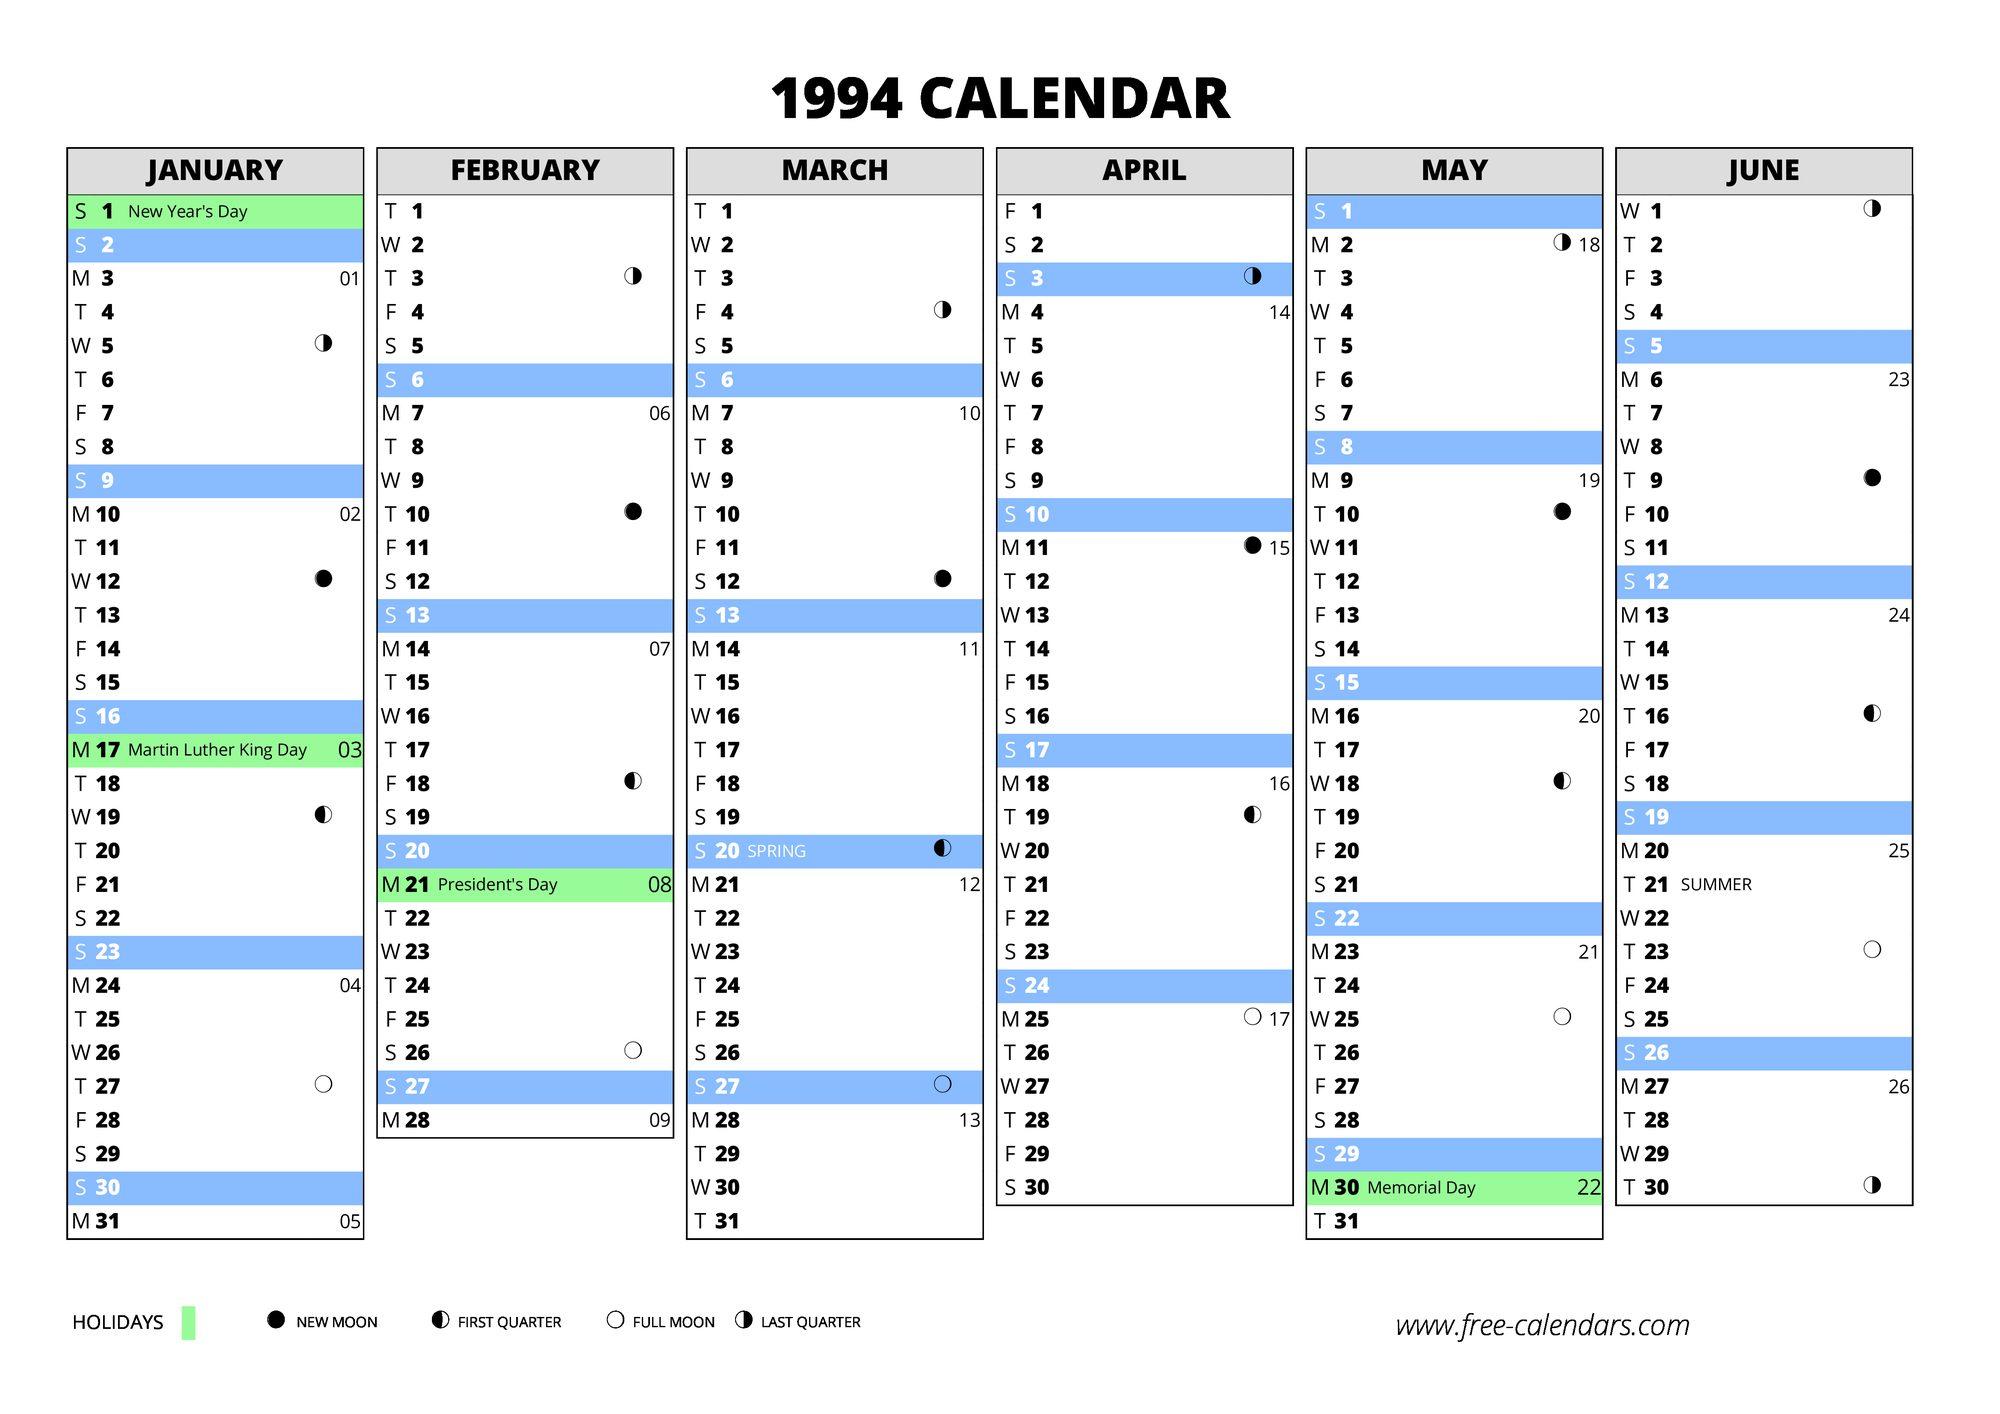 1994 Calendar Free Calendars Com